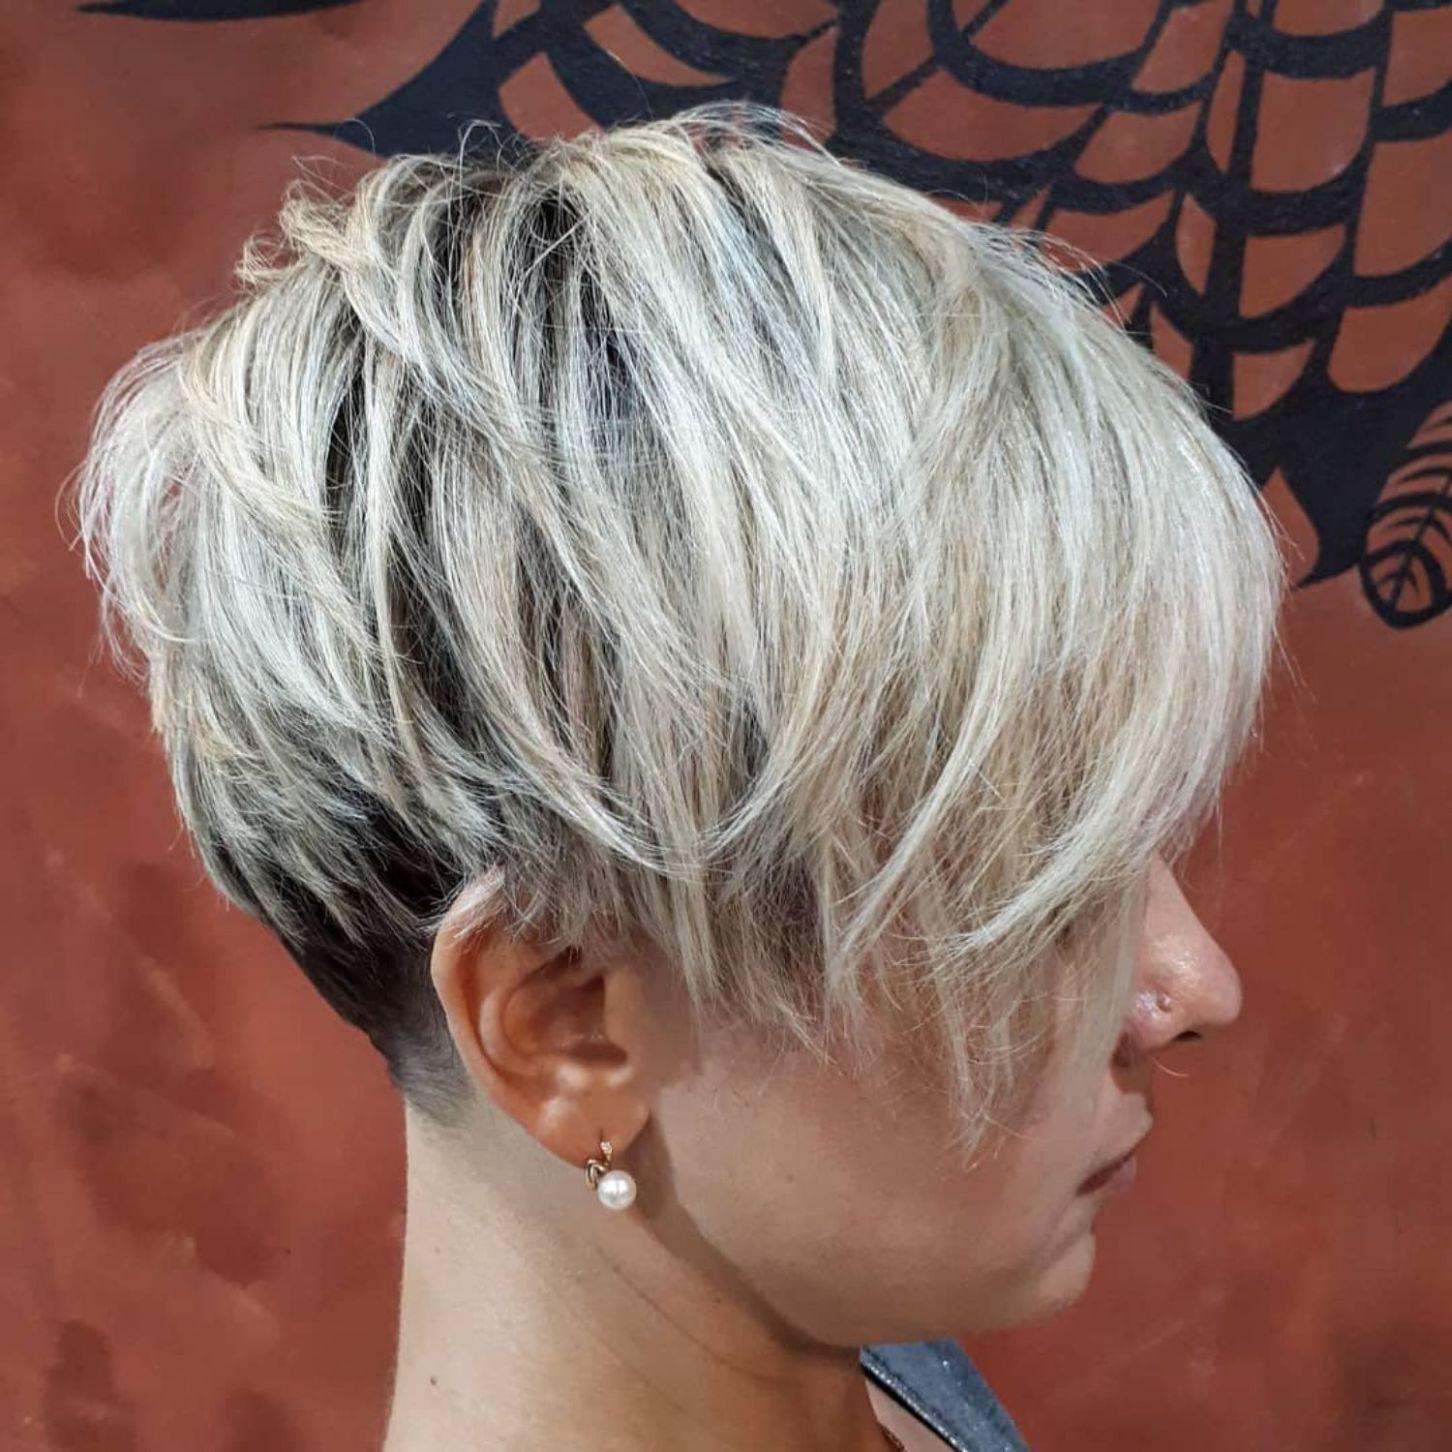 100 Umwerfende Kurze Frisuren Fur Feines Haar Feines Frisuren Kurze Umwerfe Frisuren Kurze Haare Stufen Frisuren Kurze Haare Blond Haarschnitt Kurze Haare